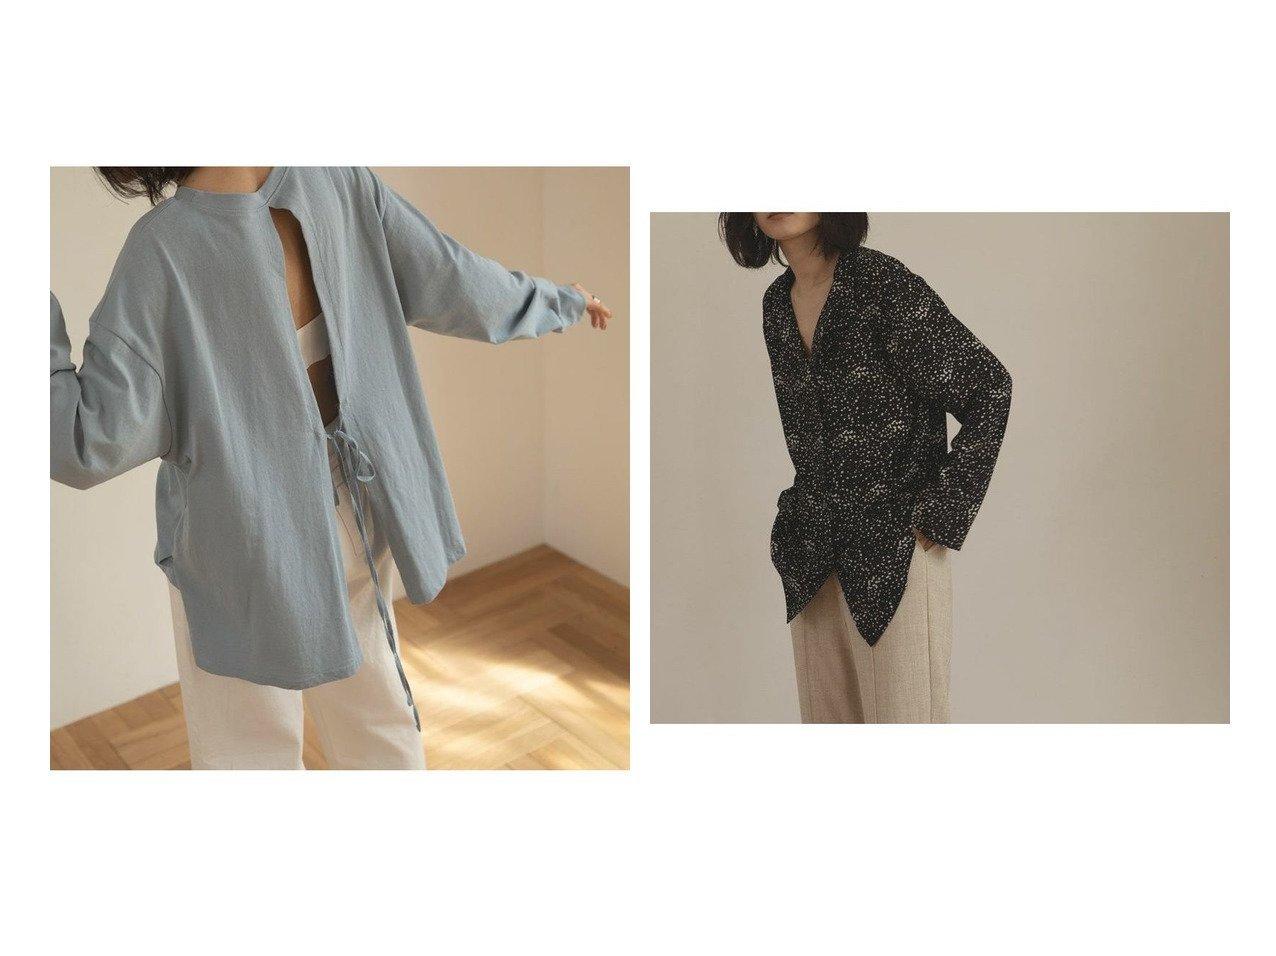 【marjour/マージュール】のバックスリットTEE BACK SLIT TEE&OPEN COLOR BLOUSE おすすめ!人気、トレンド・レディースファッションの通販 おすすめで人気の流行・トレンド、ファッションの通販商品 メンズファッション・キッズファッション・インテリア・家具・レディースファッション・服の通販 founy(ファニー) https://founy.com/ ファッション Fashion レディースファッション WOMEN バッグ Bag インナー キャミソール スリット タンク ボトム リボン おすすめ Recommend ジャケット スキニー ストレート ドット バランス マニッシュ モノトーン ランダム ワイド 冬 Winter 秋 Autumn/Fall |ID:crp329100000037033